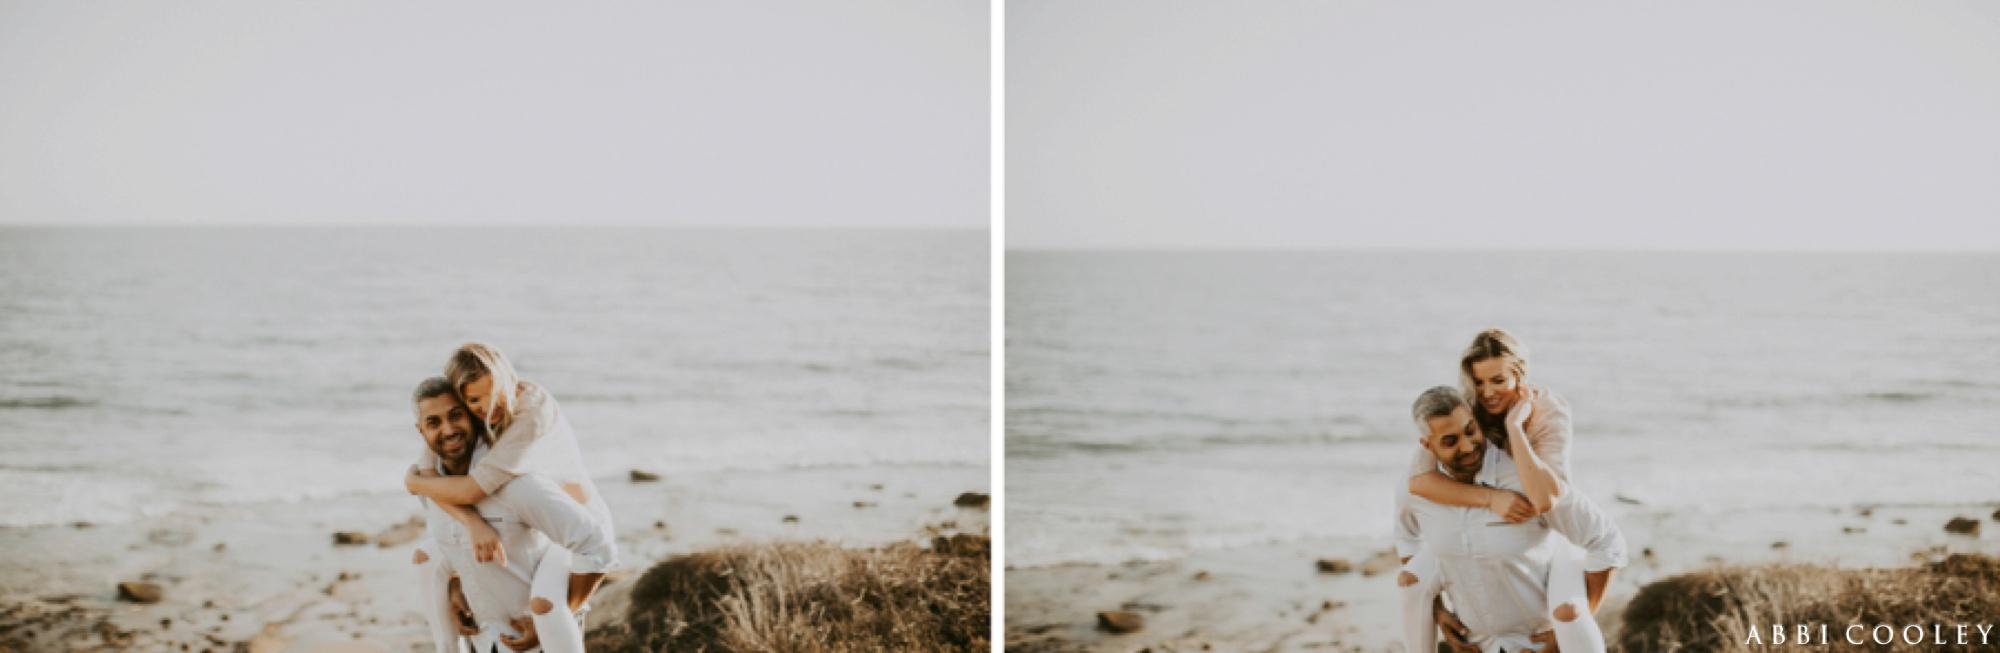 ABBI COOLEY NEWPORT BEACH ENGAGEMENT_0998